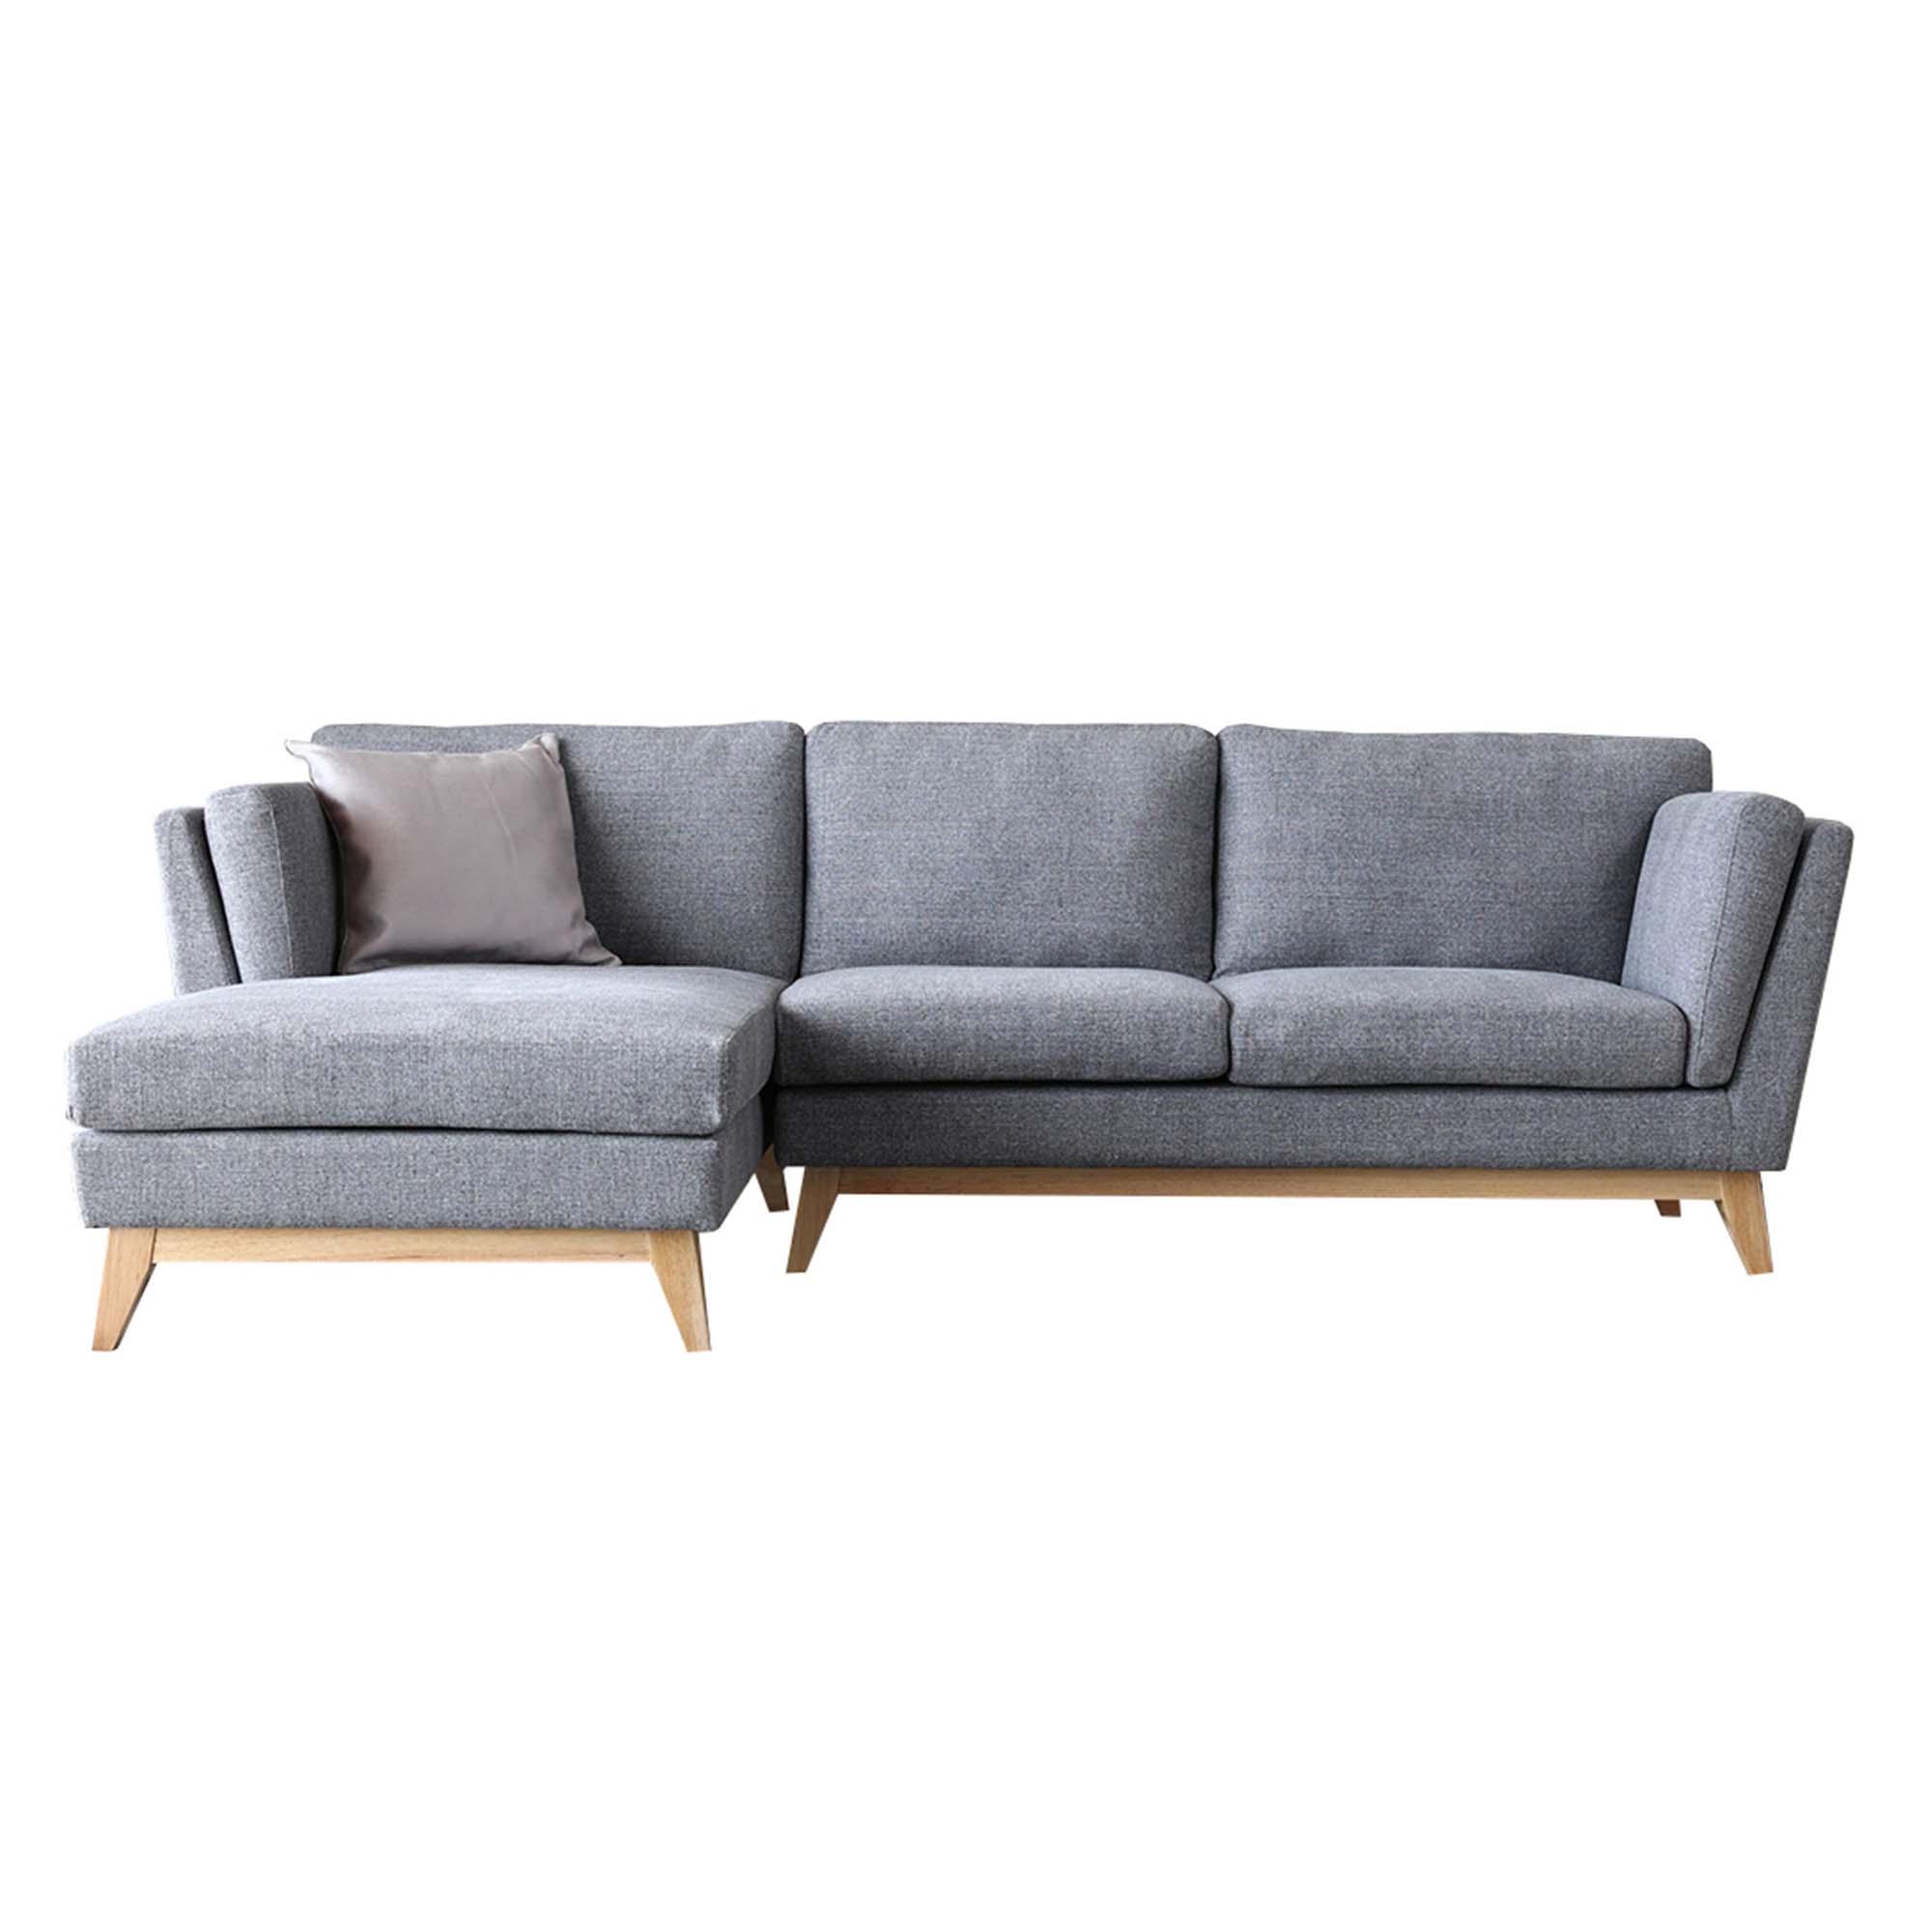 Canapé 3 places méridienne à gauche et pieds bois gris clair